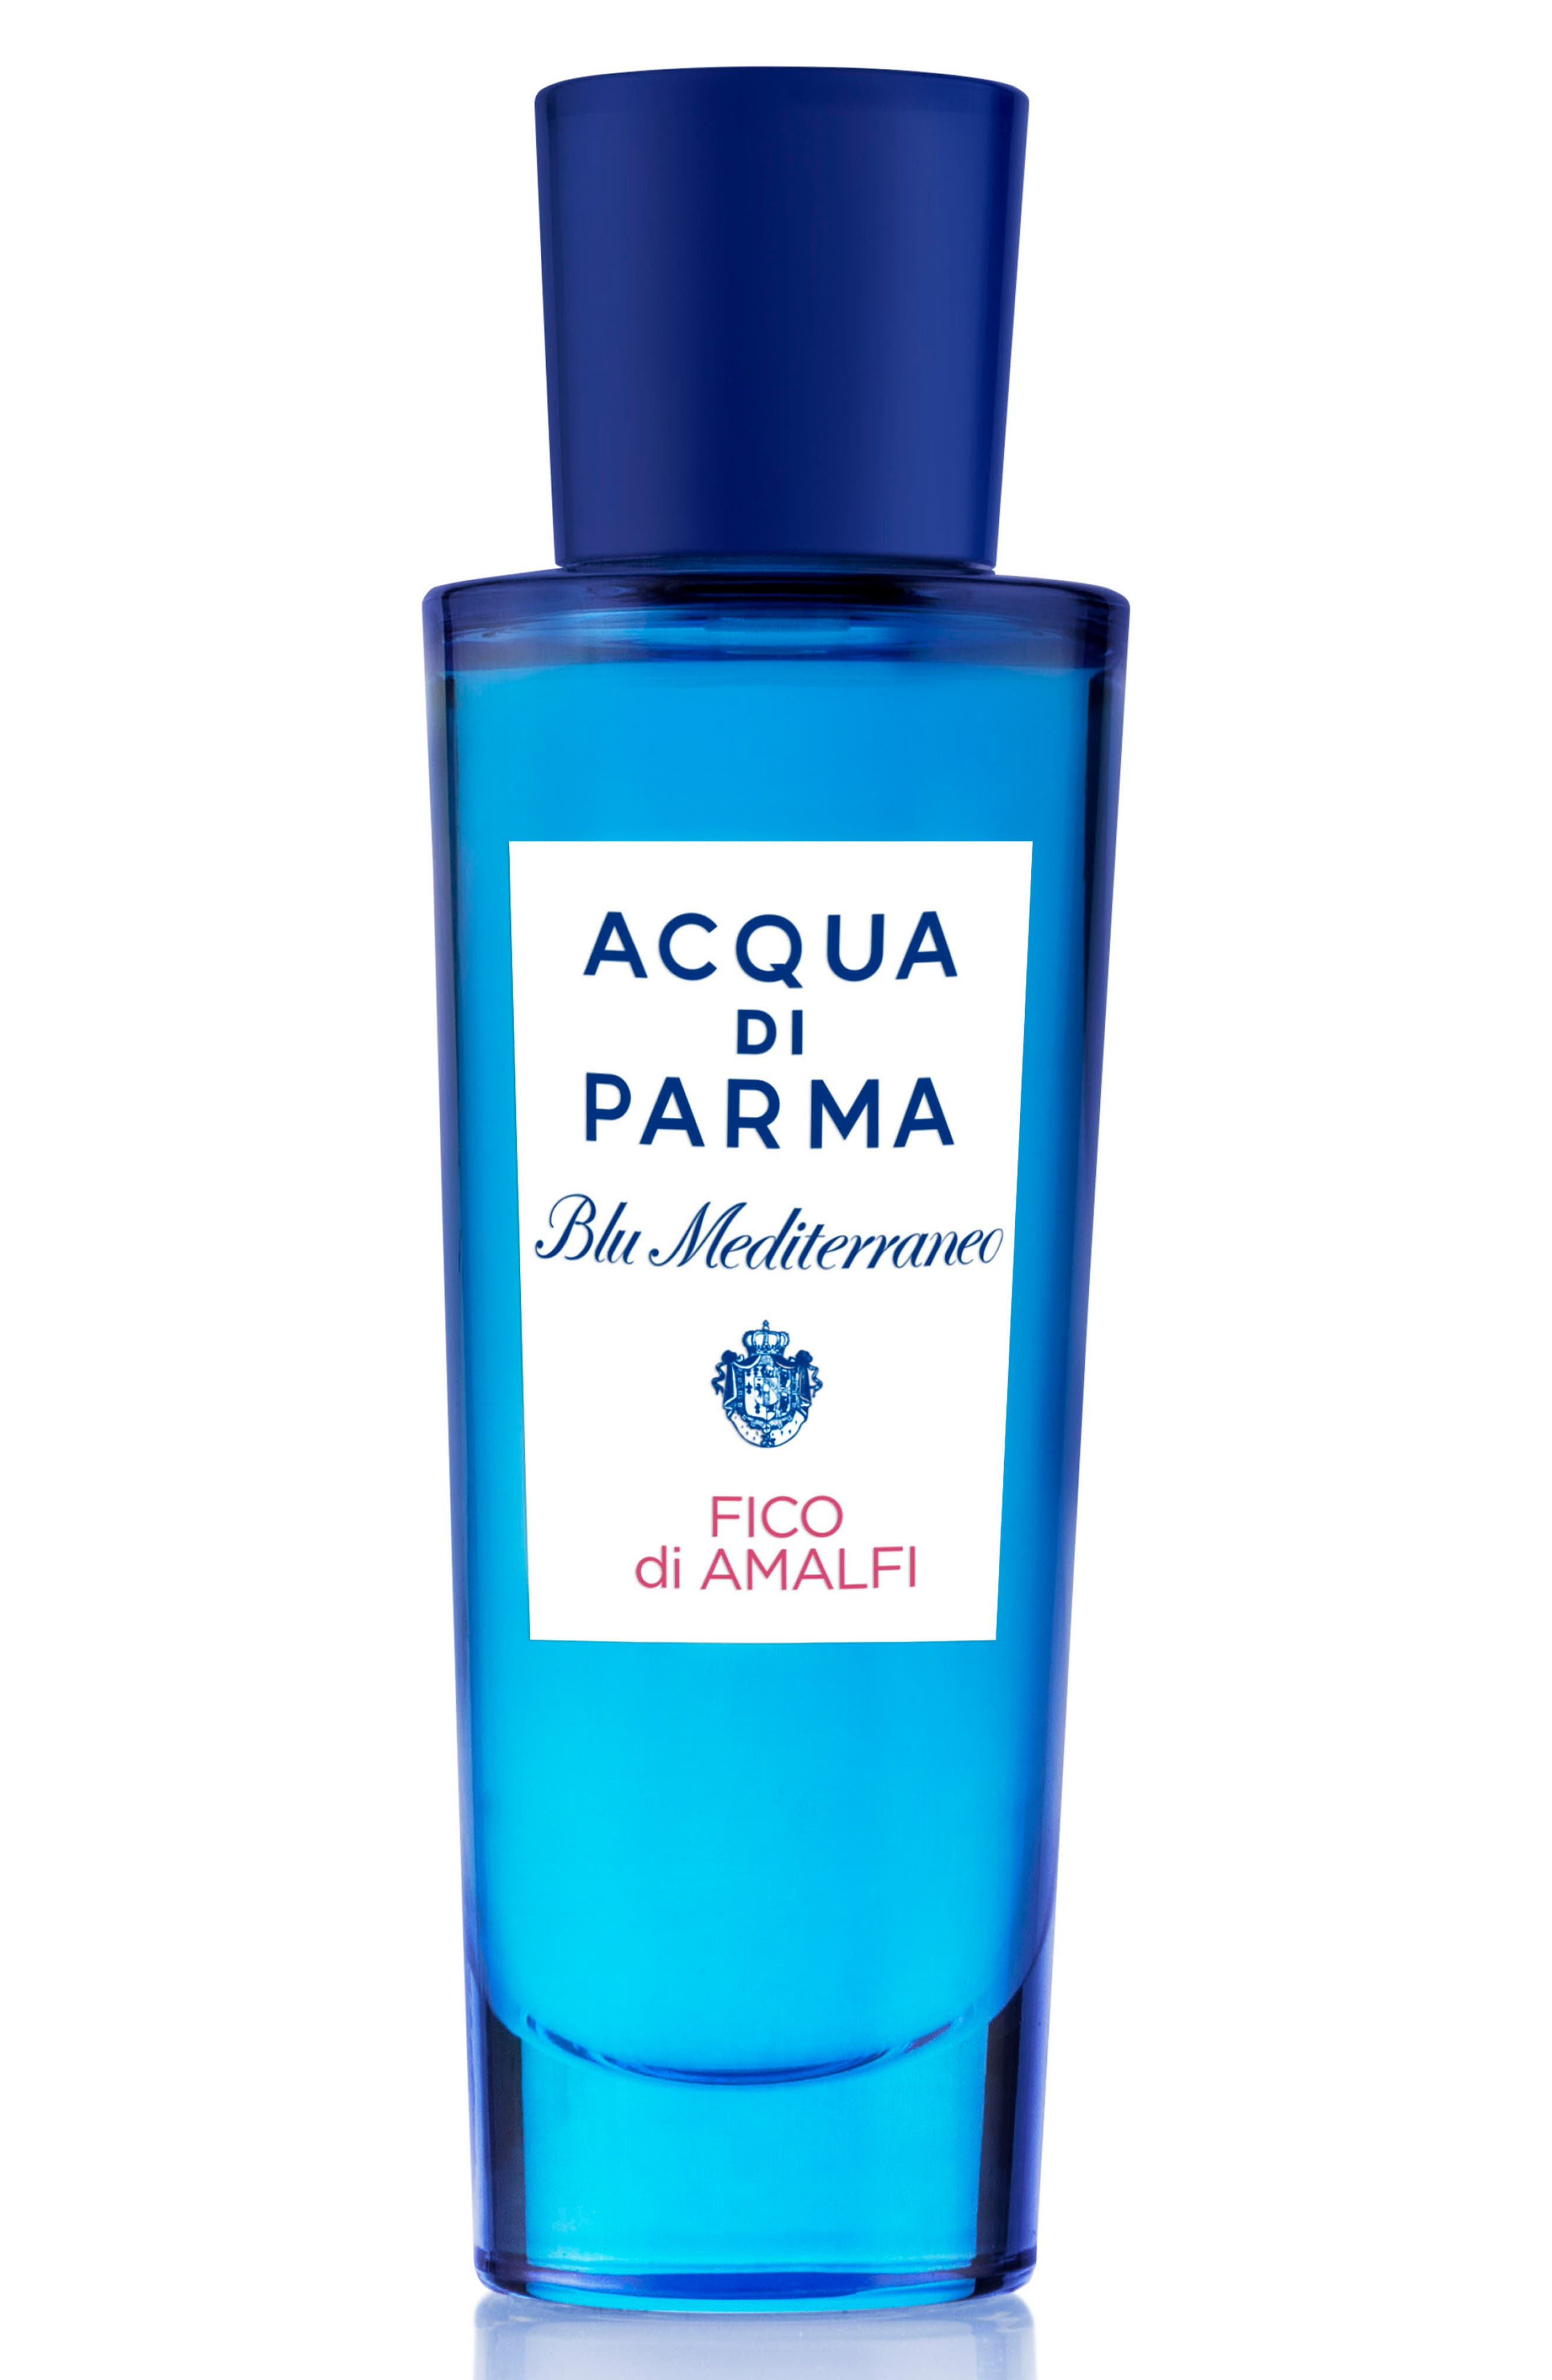 ACQUA DI PARMA, 'Blu Mediterraneo' Fico di Amalfi Eau de Toilette Spray, Alternate thumbnail 7, color, NO COLOR